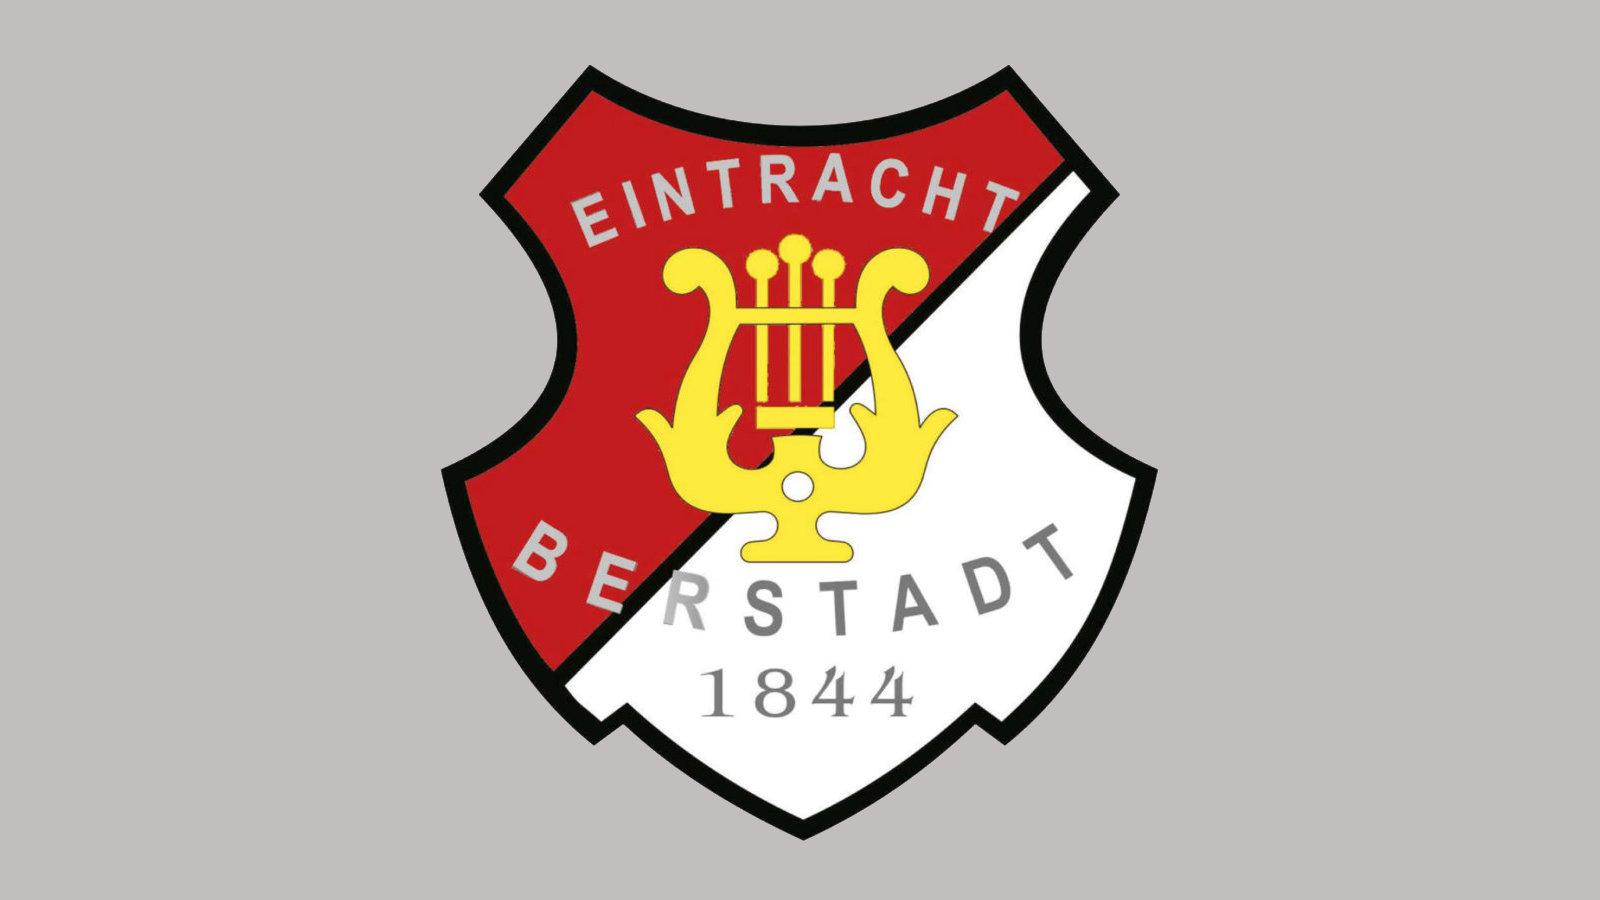 """Gesangverein """"Eintracht"""" 1844 Berstadt e.V."""